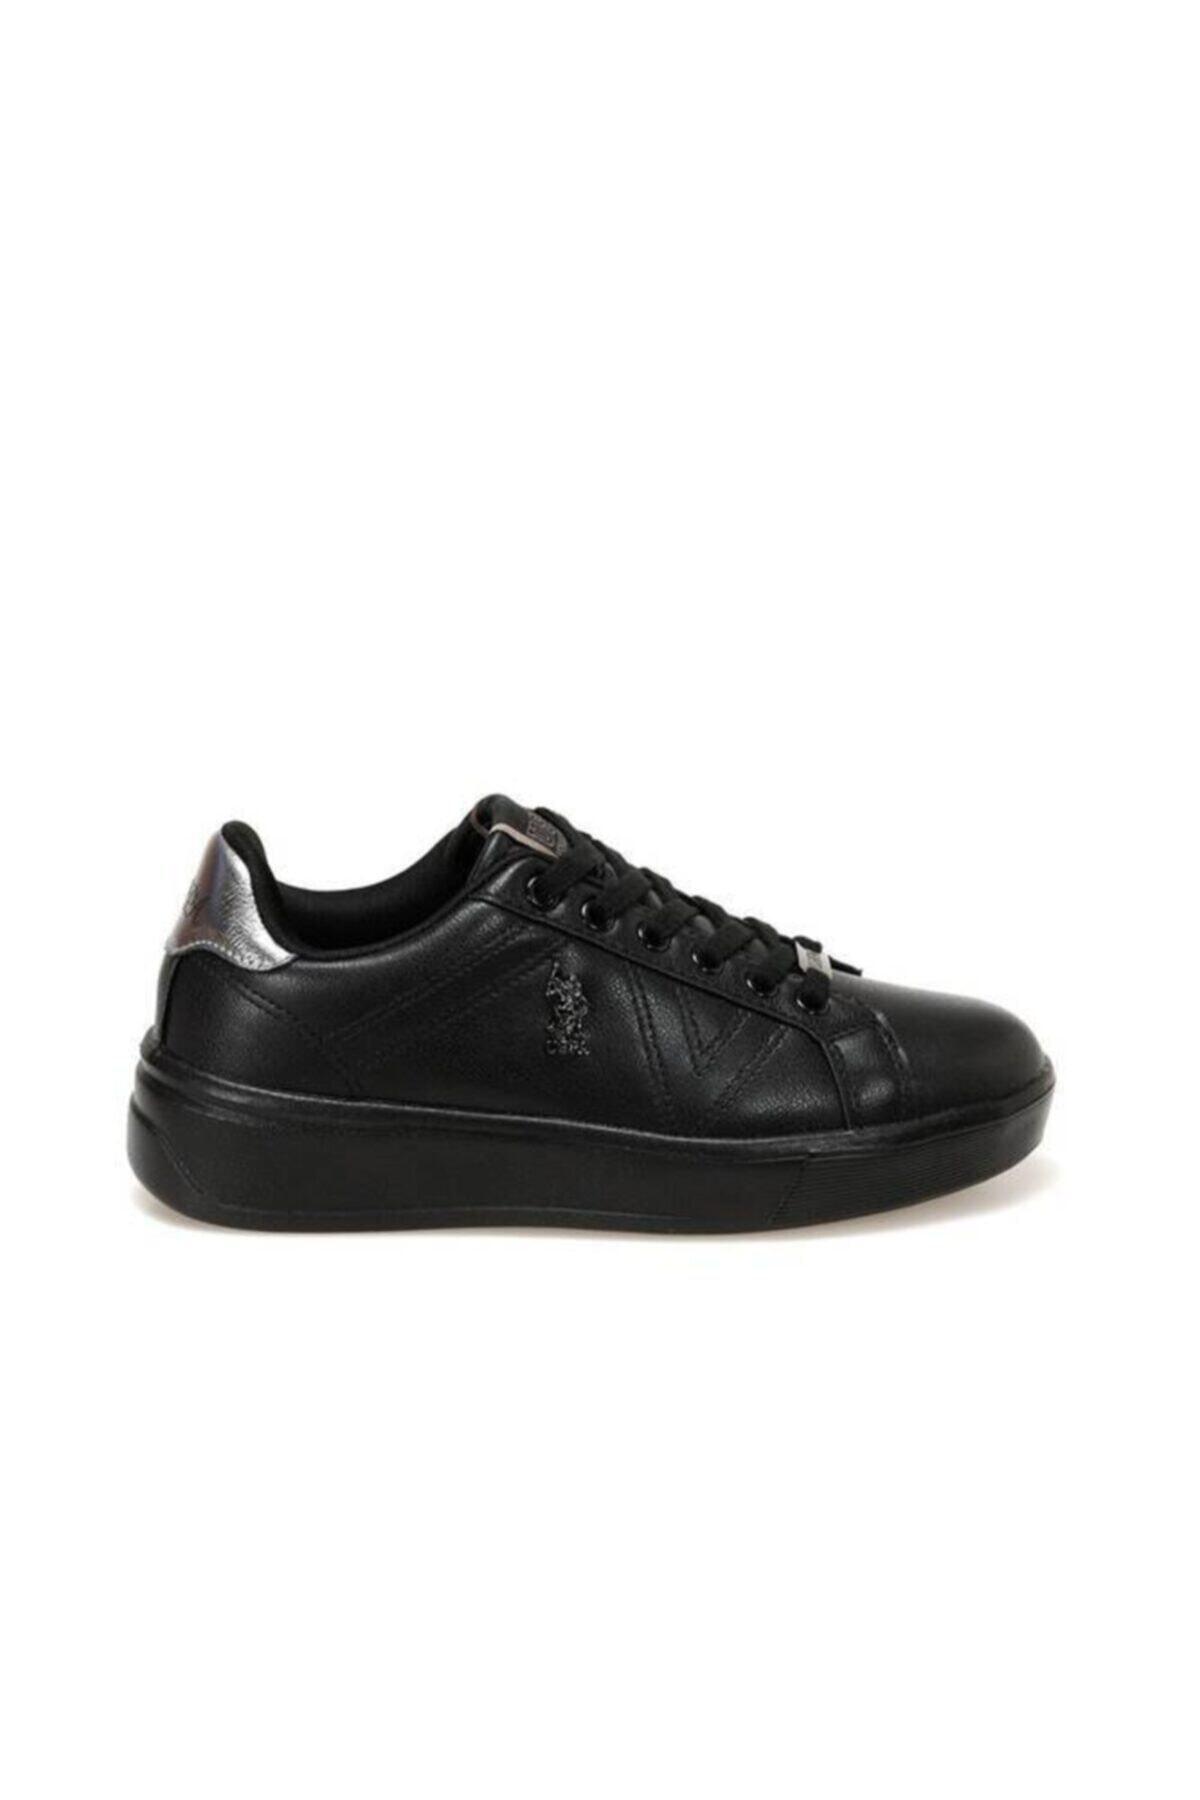 U.S. Polo Assn. Kadın Siyah Ayakkabı 2